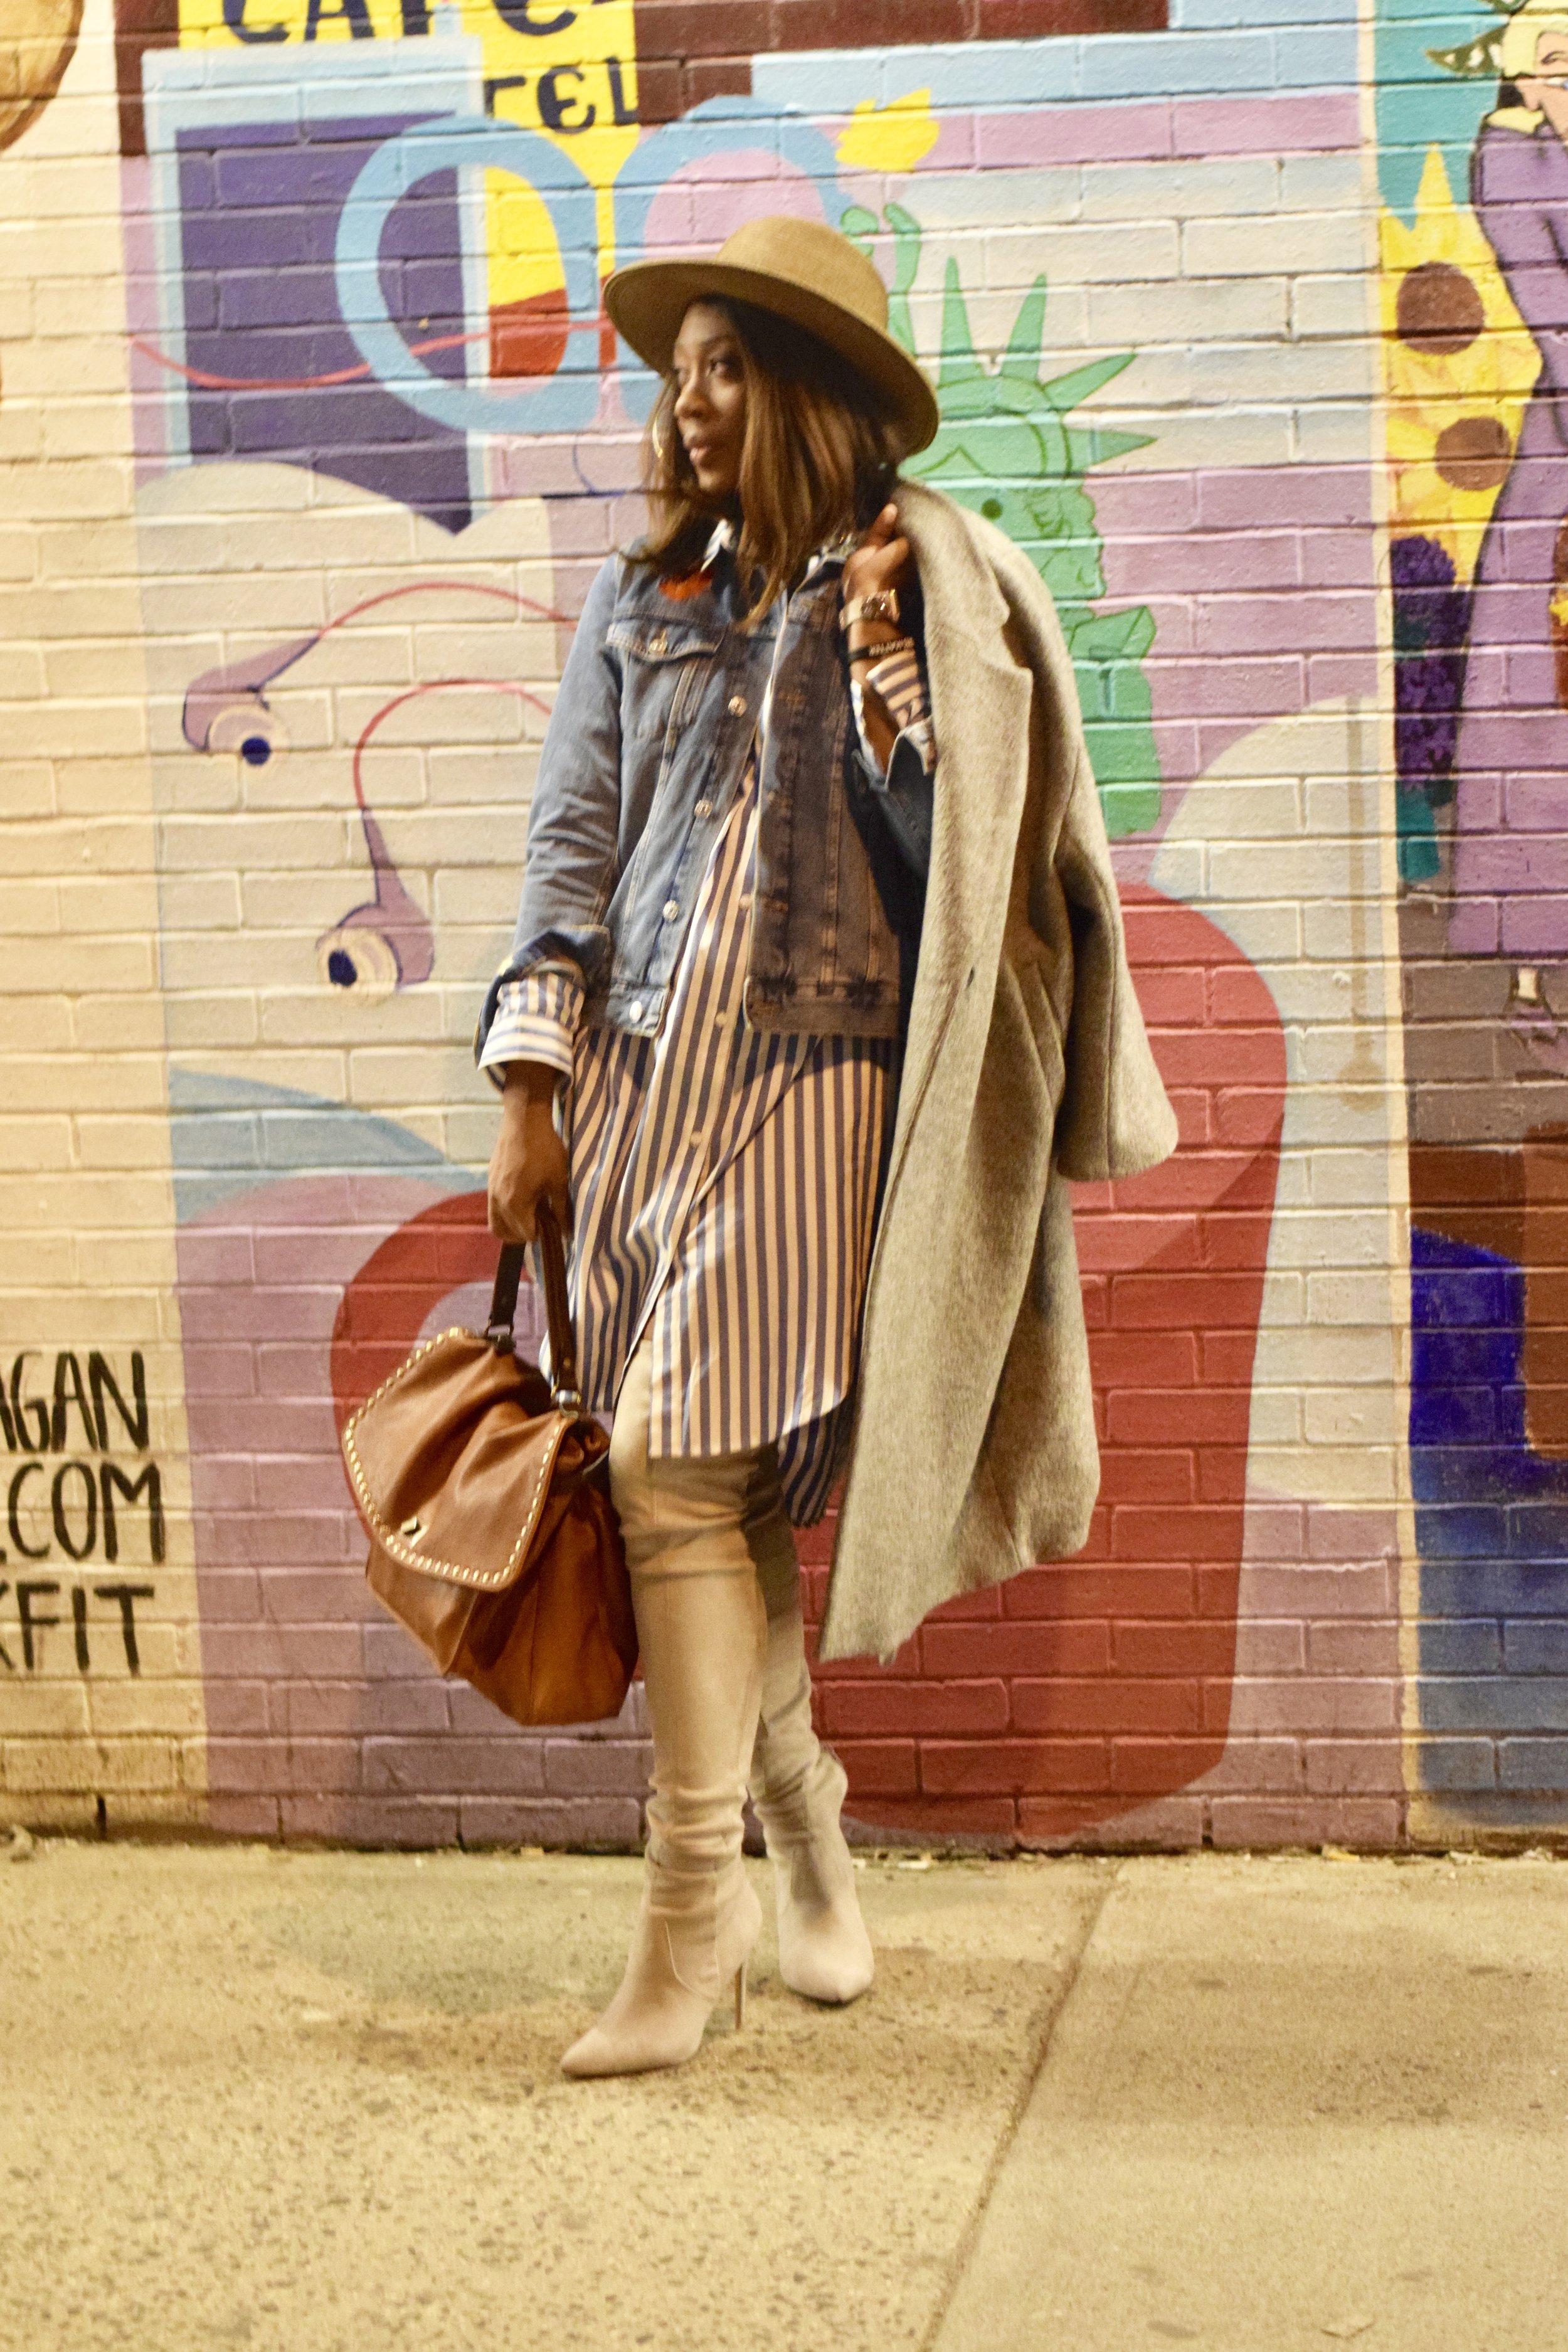 Wool coat @hm (hm.com); cognac messenger bag & hat: @vicidolls (vicicollection.com)